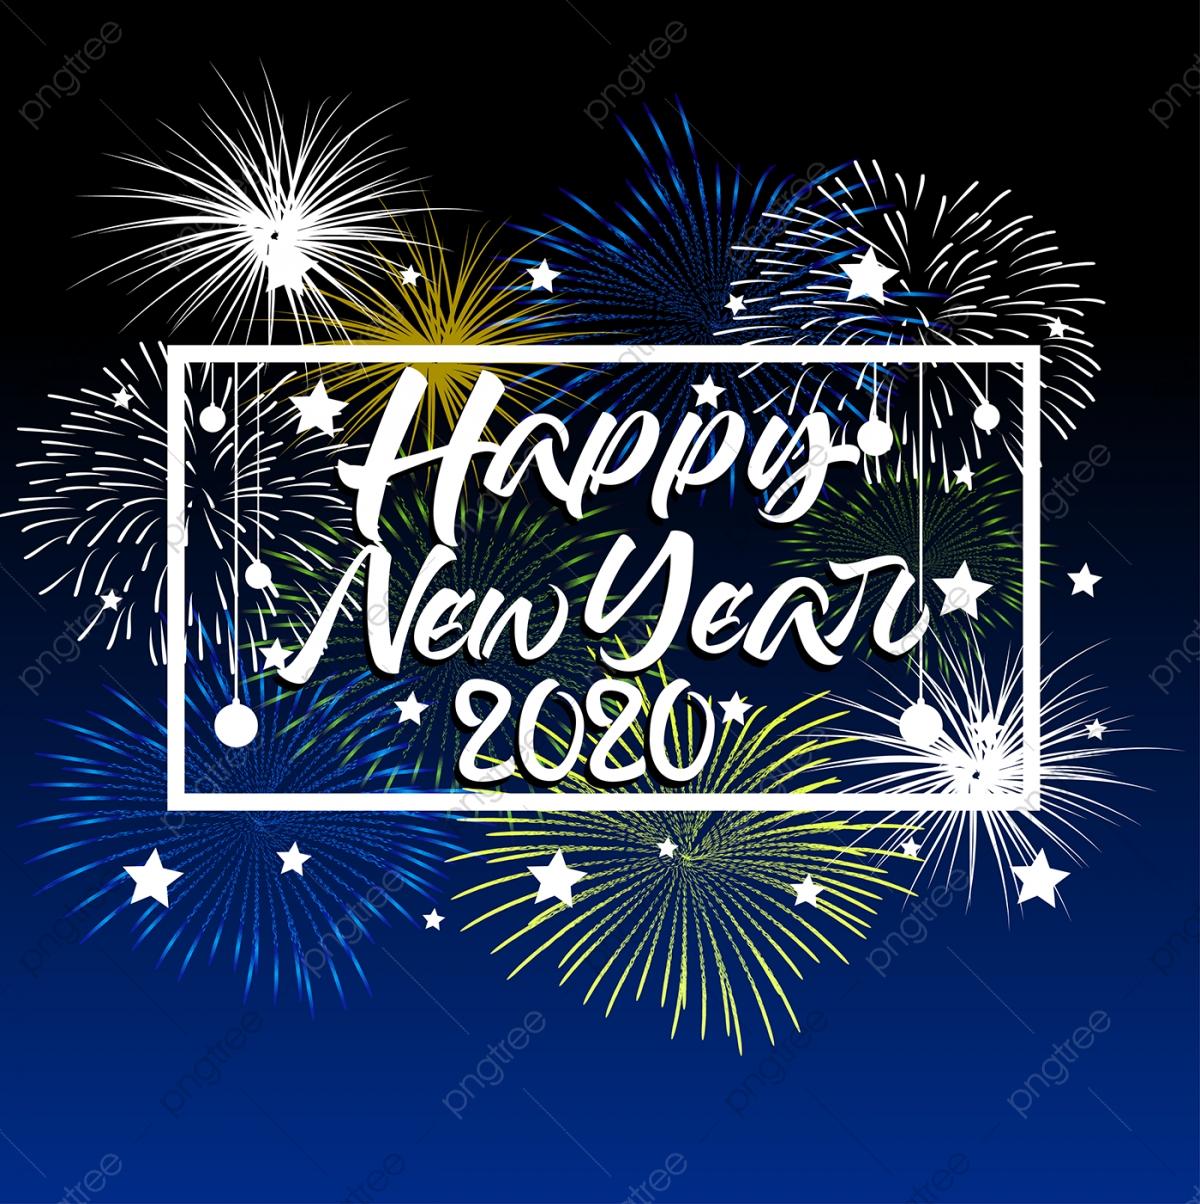 thiệp chúc mừng năm mới của chủ tịch nước